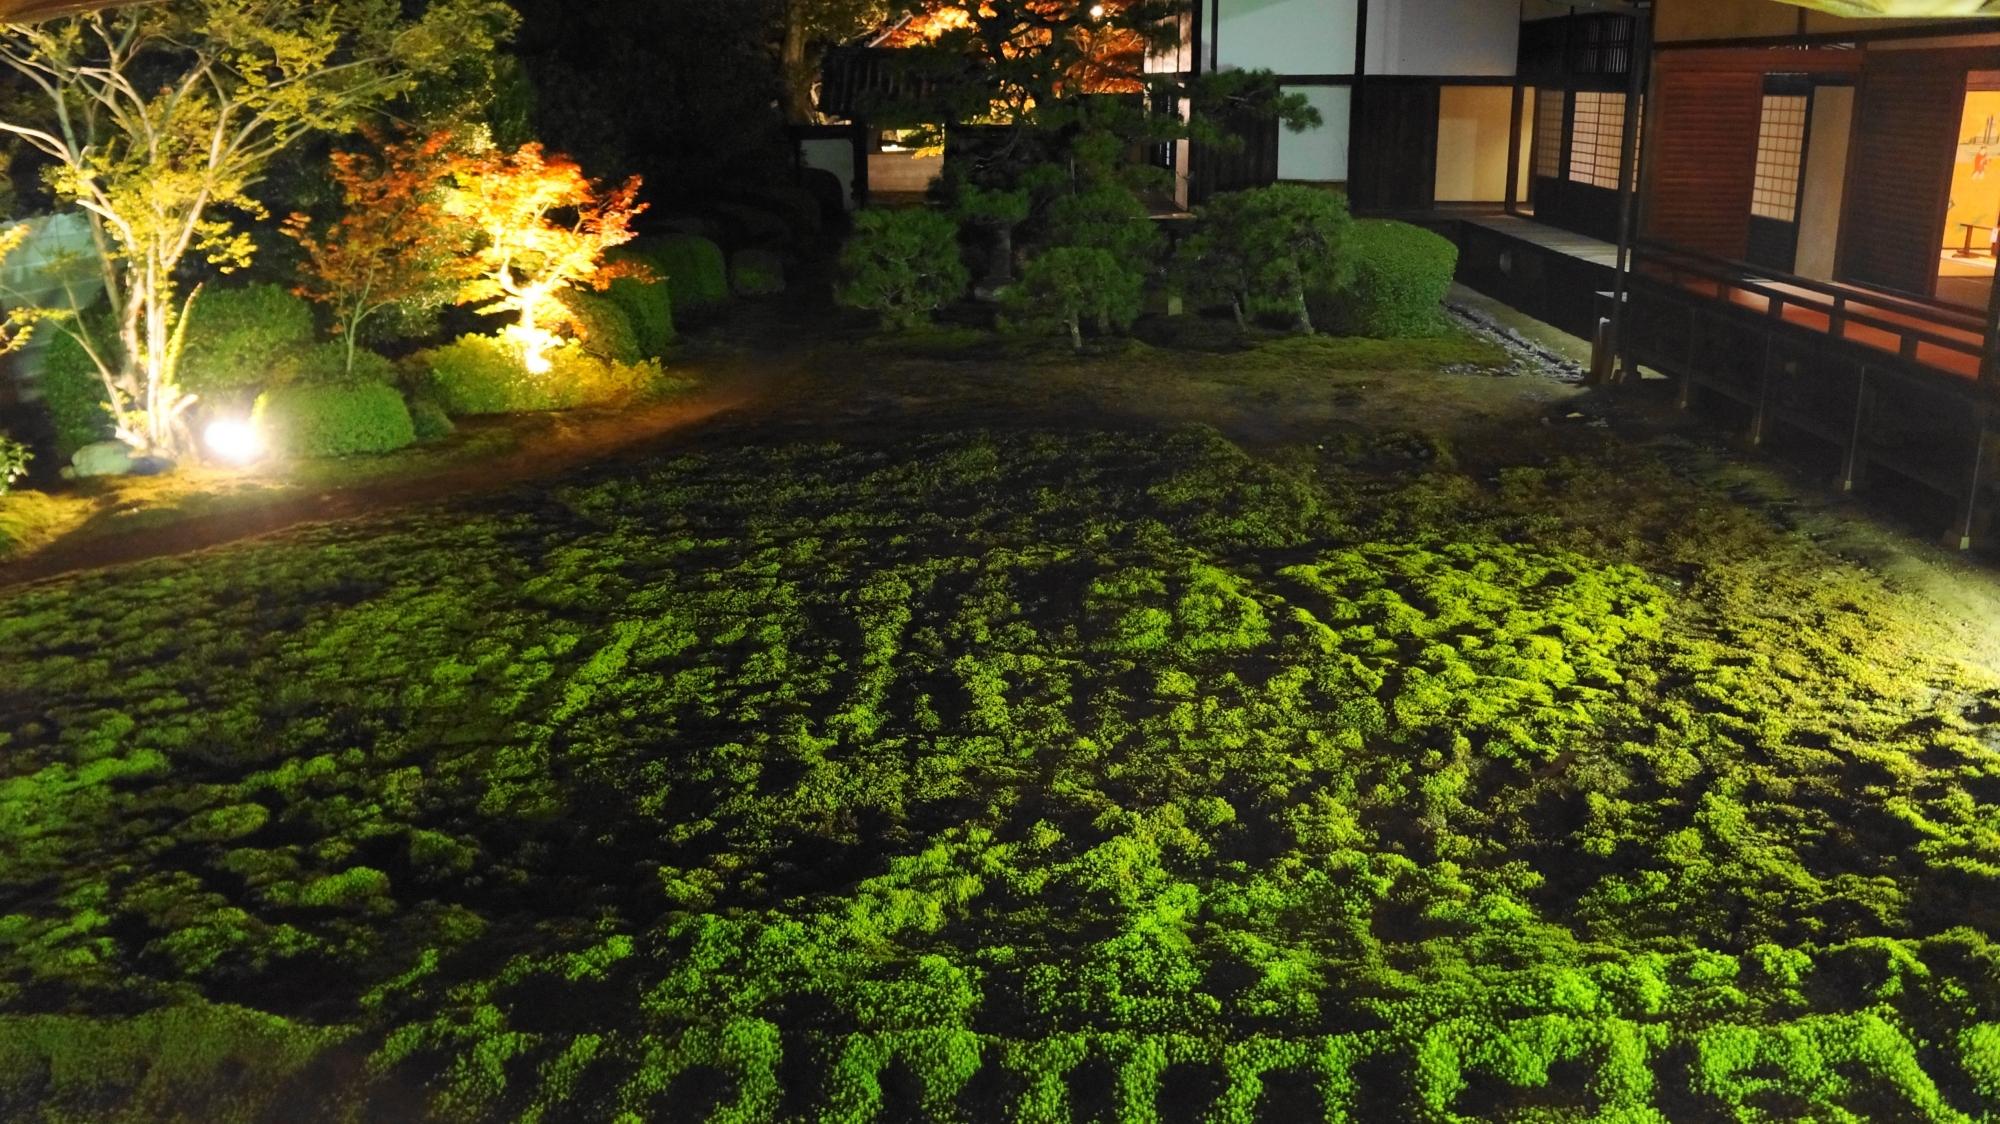 綺麗な照らされた鮮やかな緑の苔